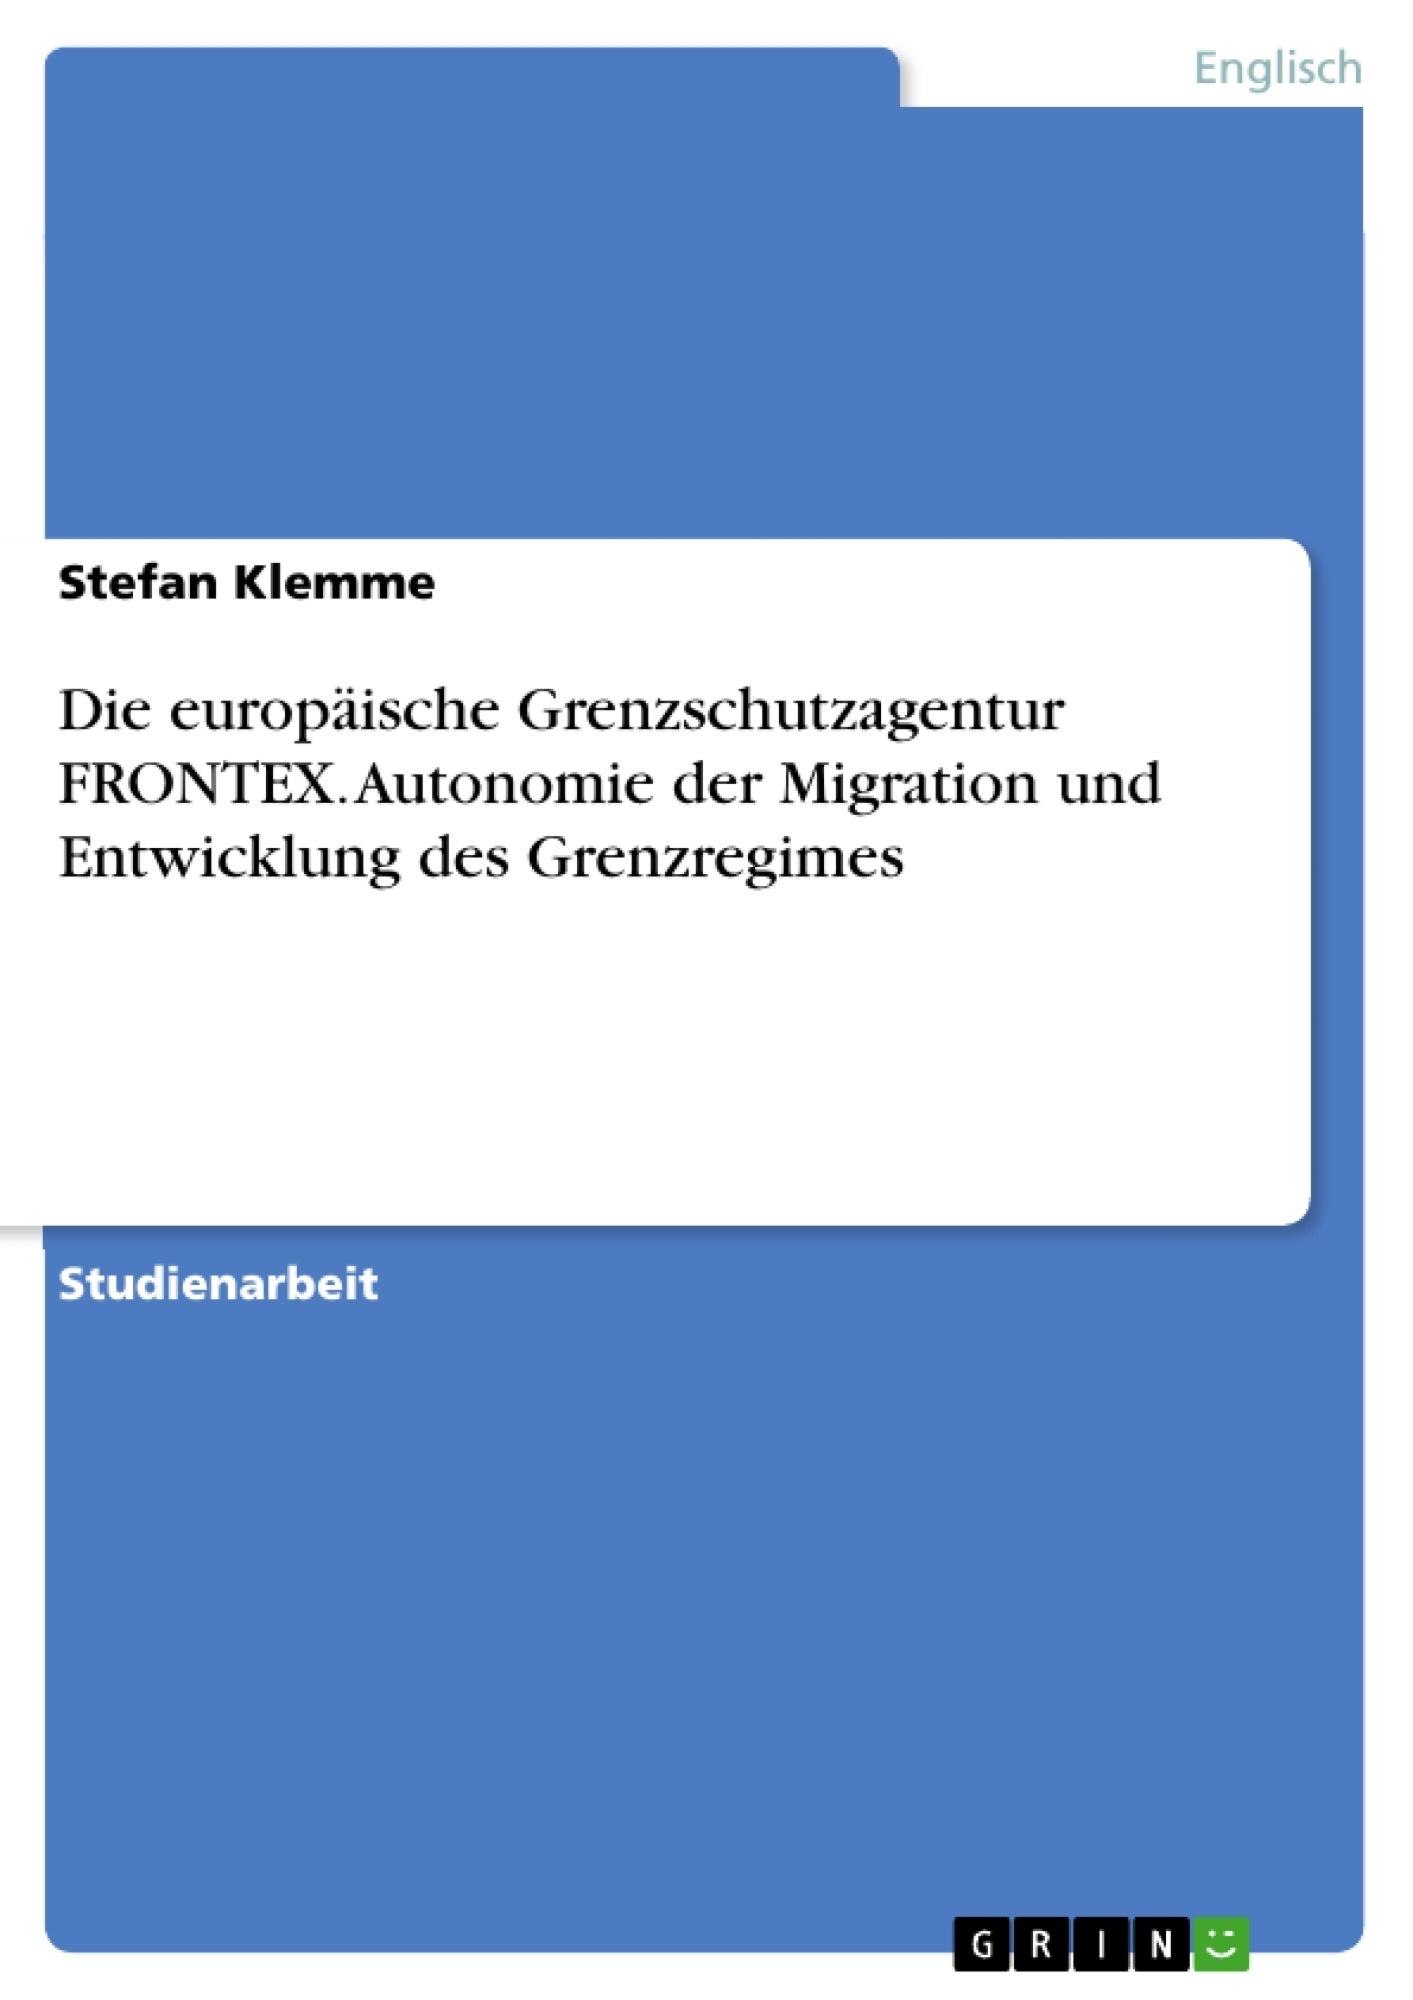 Titel: Die europäische Grenzschutzagentur FRONTEX. Autonomie der Migration und Entwicklung des Grenzregimes